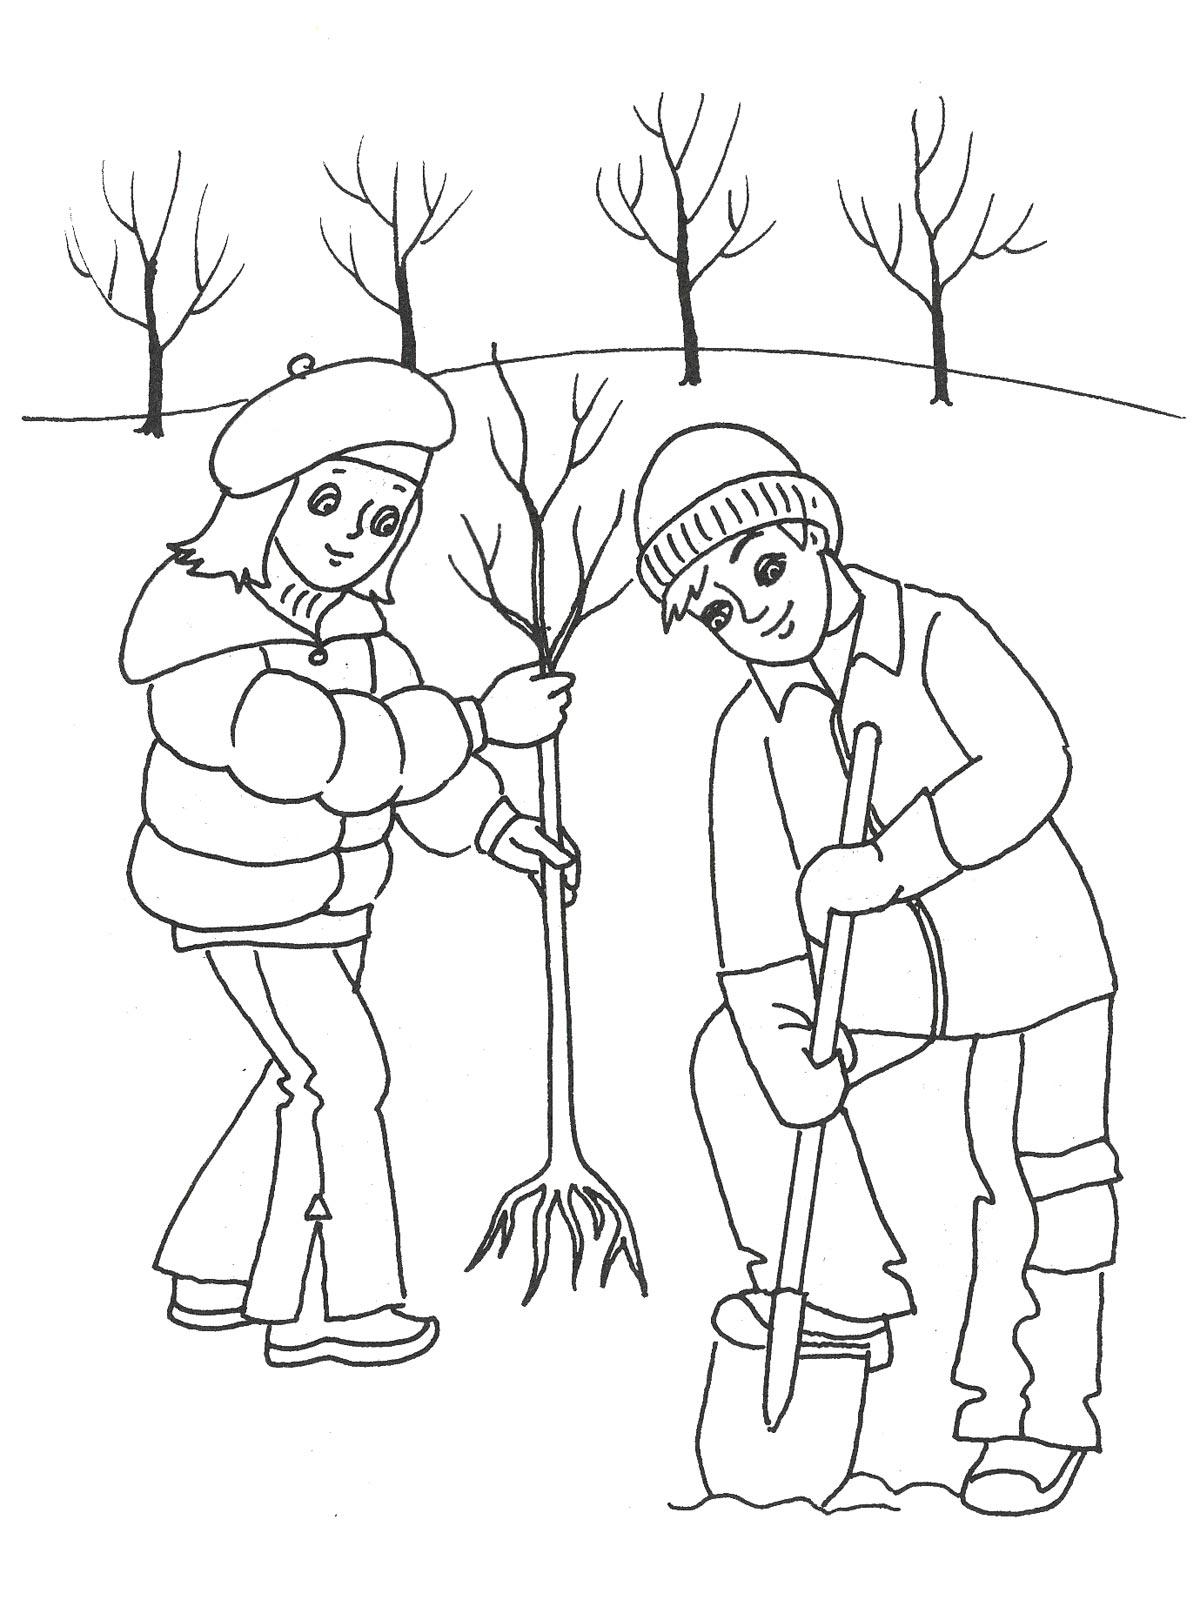 Разукрашки с праздником весны марта, дети сажают деревья